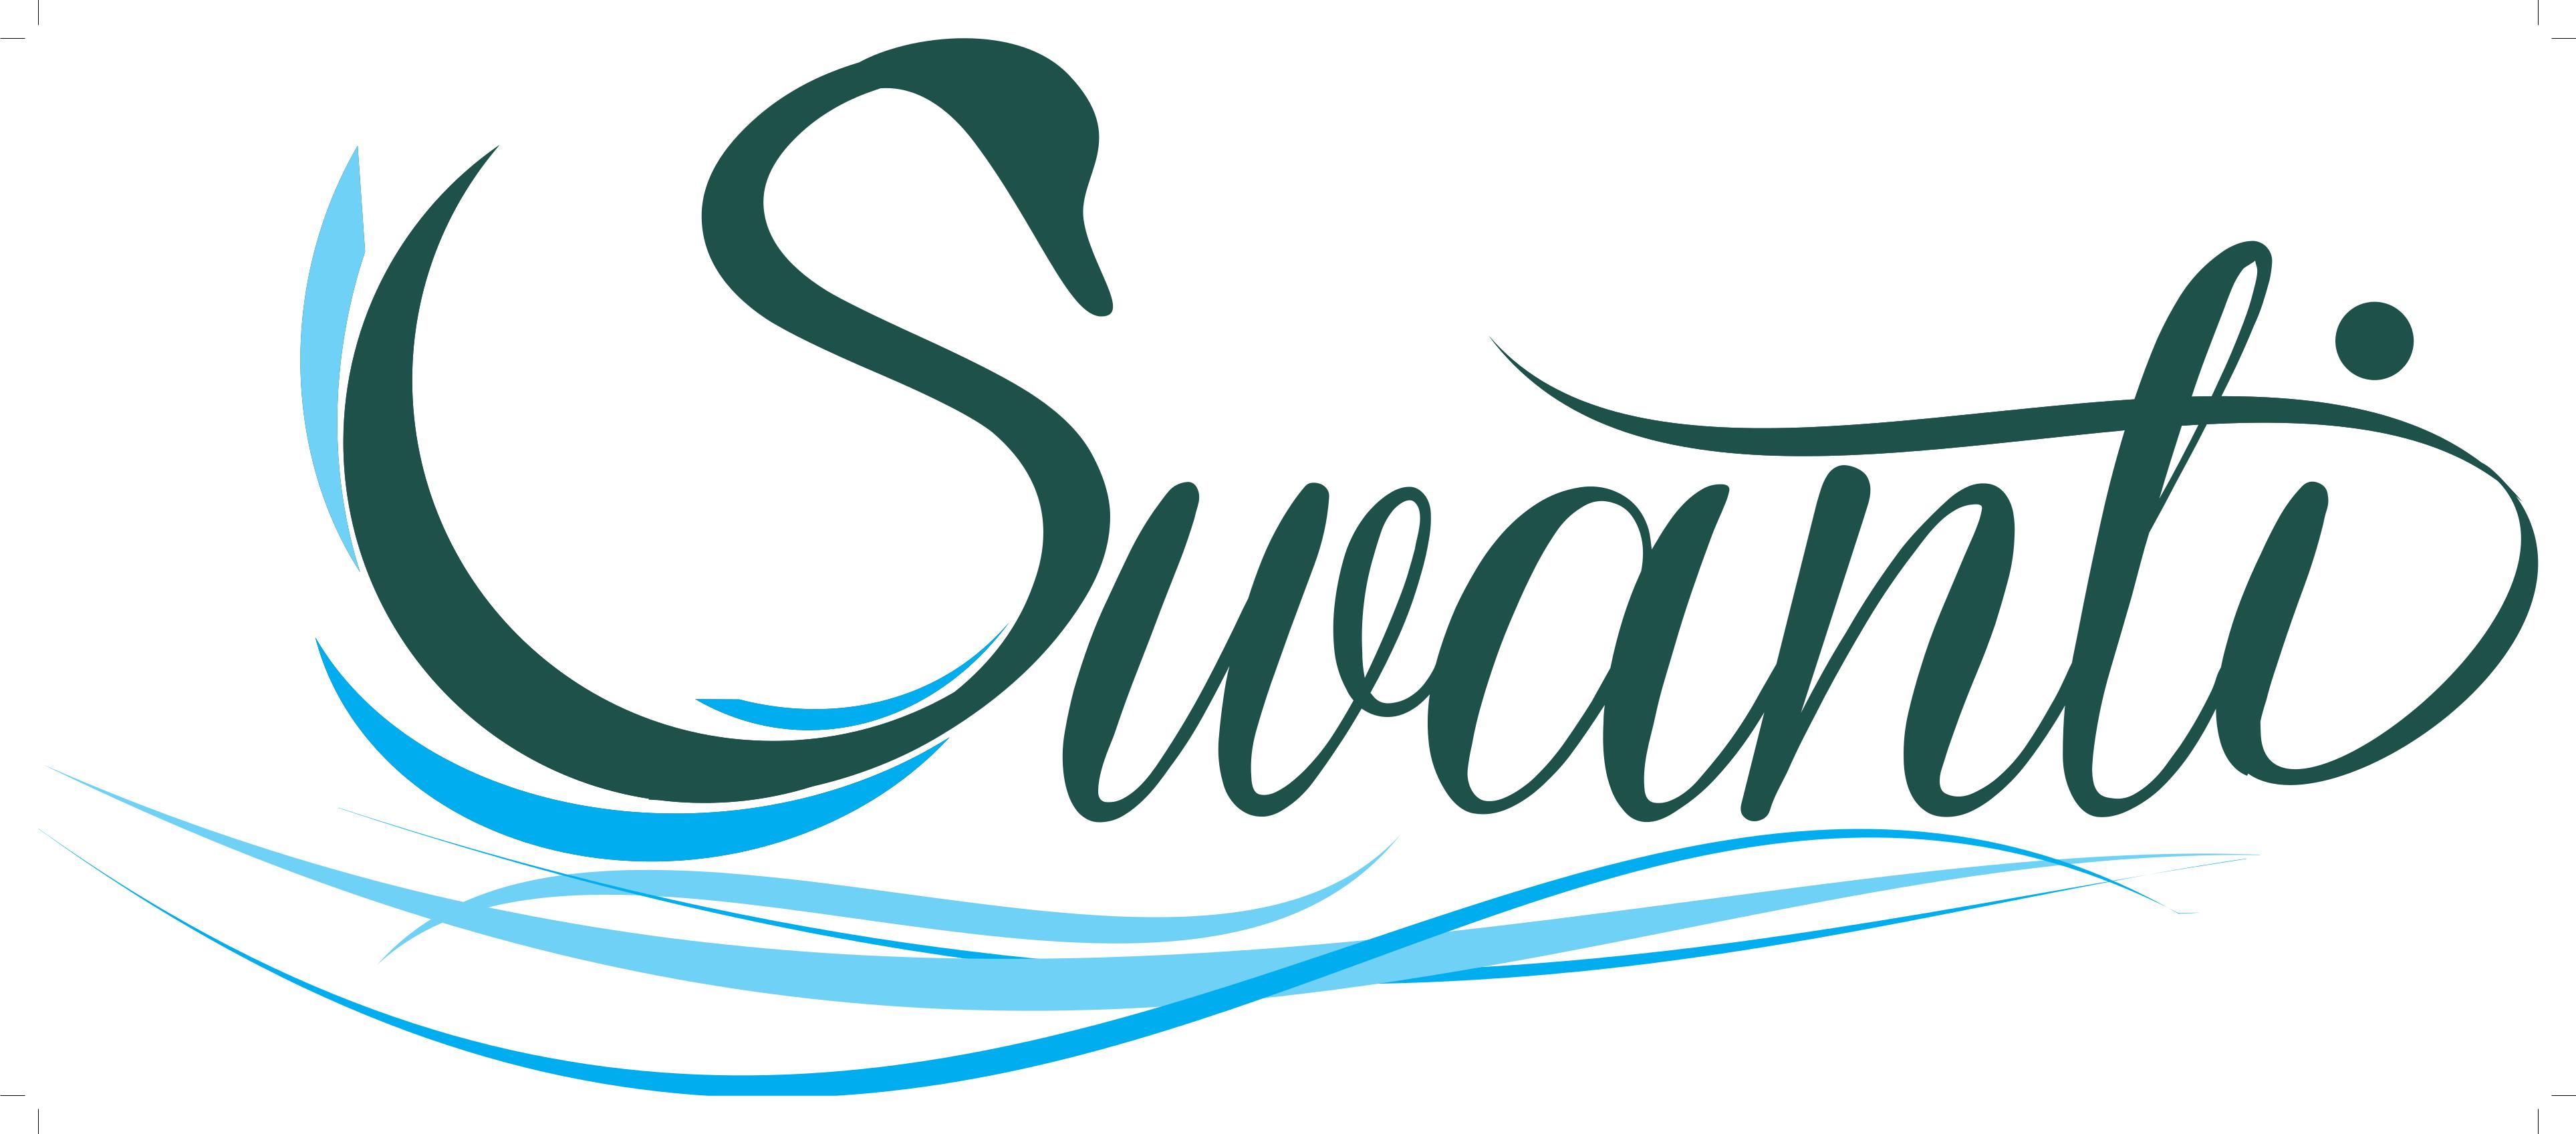 Swanti Charter Aki hajót biztosít a tengeri edzésekhez: